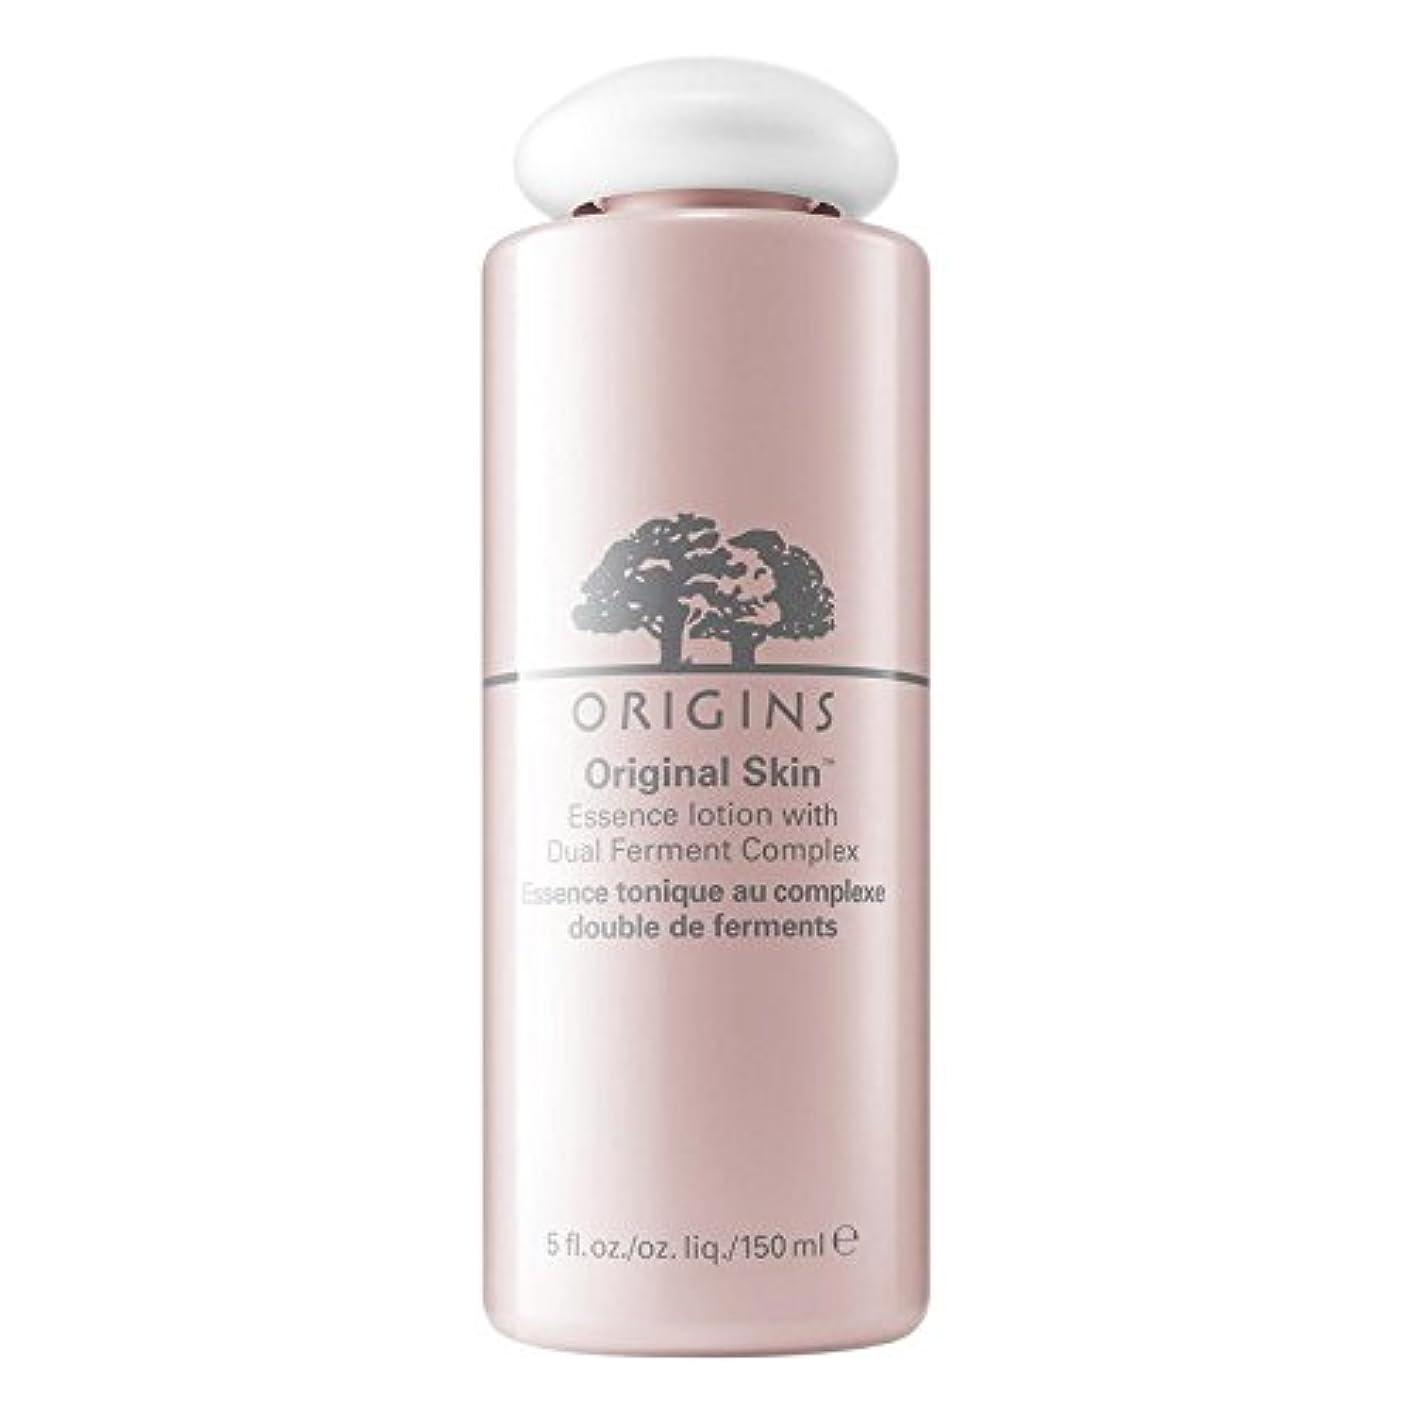 バンガロー受賞役割Origins Original Skin Essence Lotion 150ml (Pack of 6) - 起源オリジナルスキンエッセンスローション150 x6 [並行輸入品]